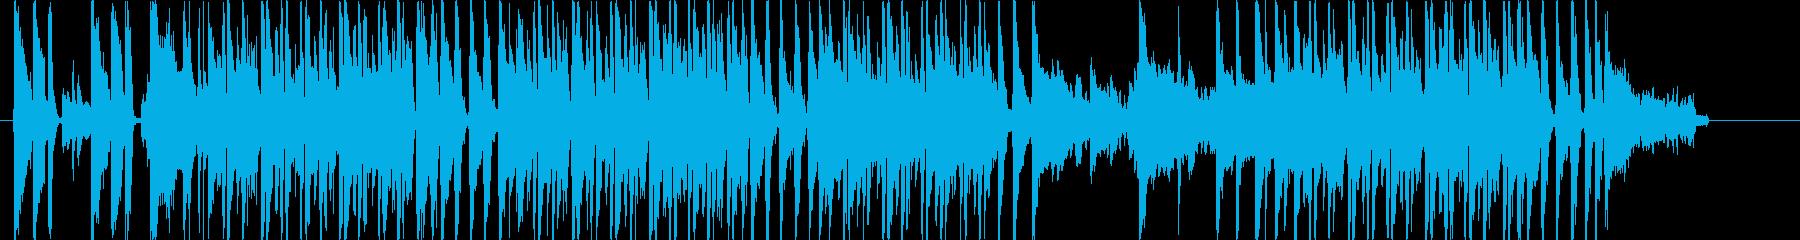 朝の情報番組オープニング風ボッサの再生済みの波形